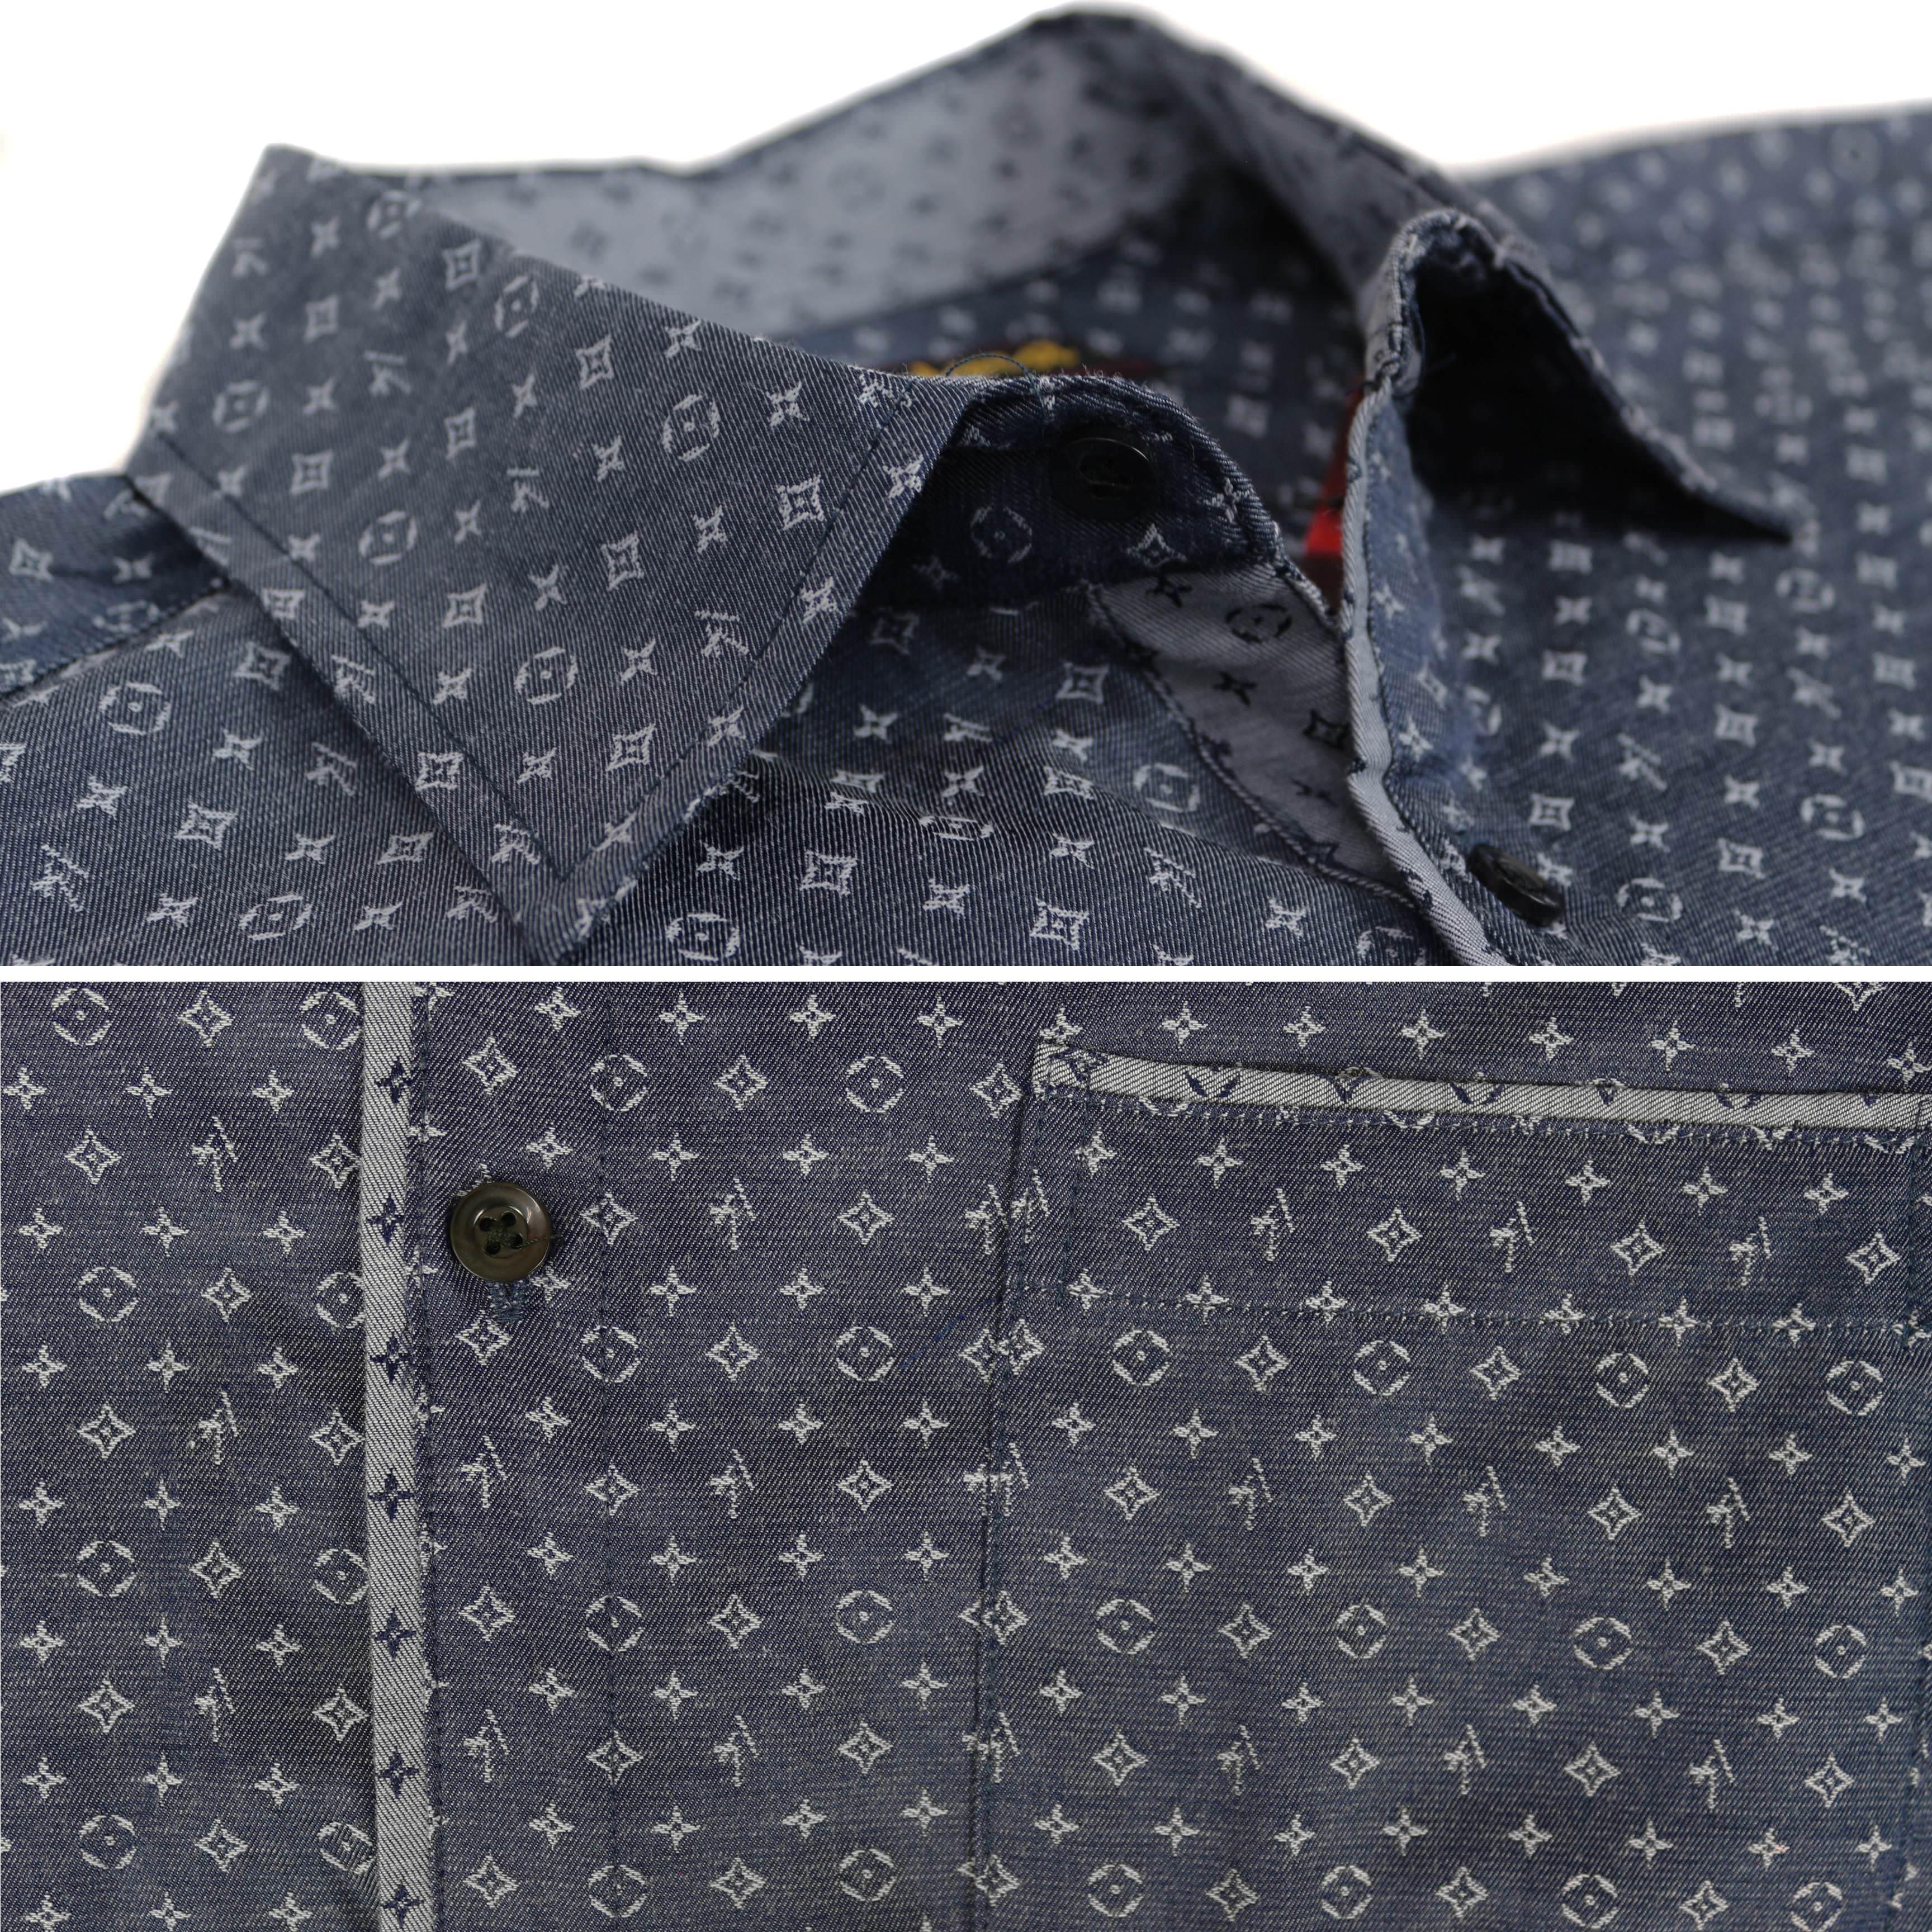 thumbnail 10 - LW-Men-039-s-Western-Button-Up-Long-Sleeve-Designer-Dress-Shirt